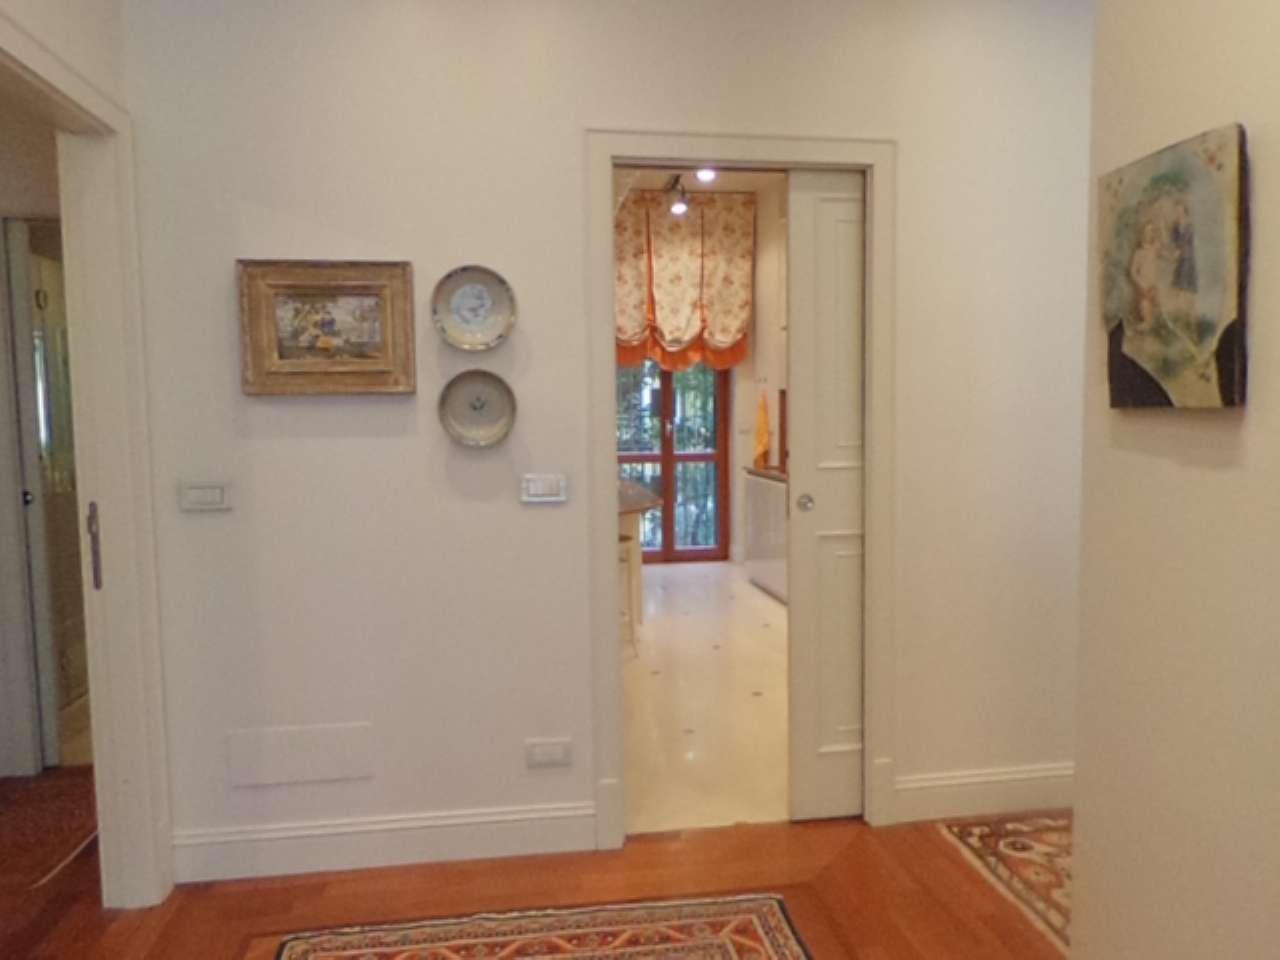 Missori - Nuda proprieta' - Prestigioso appartamento in centro con cantina e doppio garage, foto 6